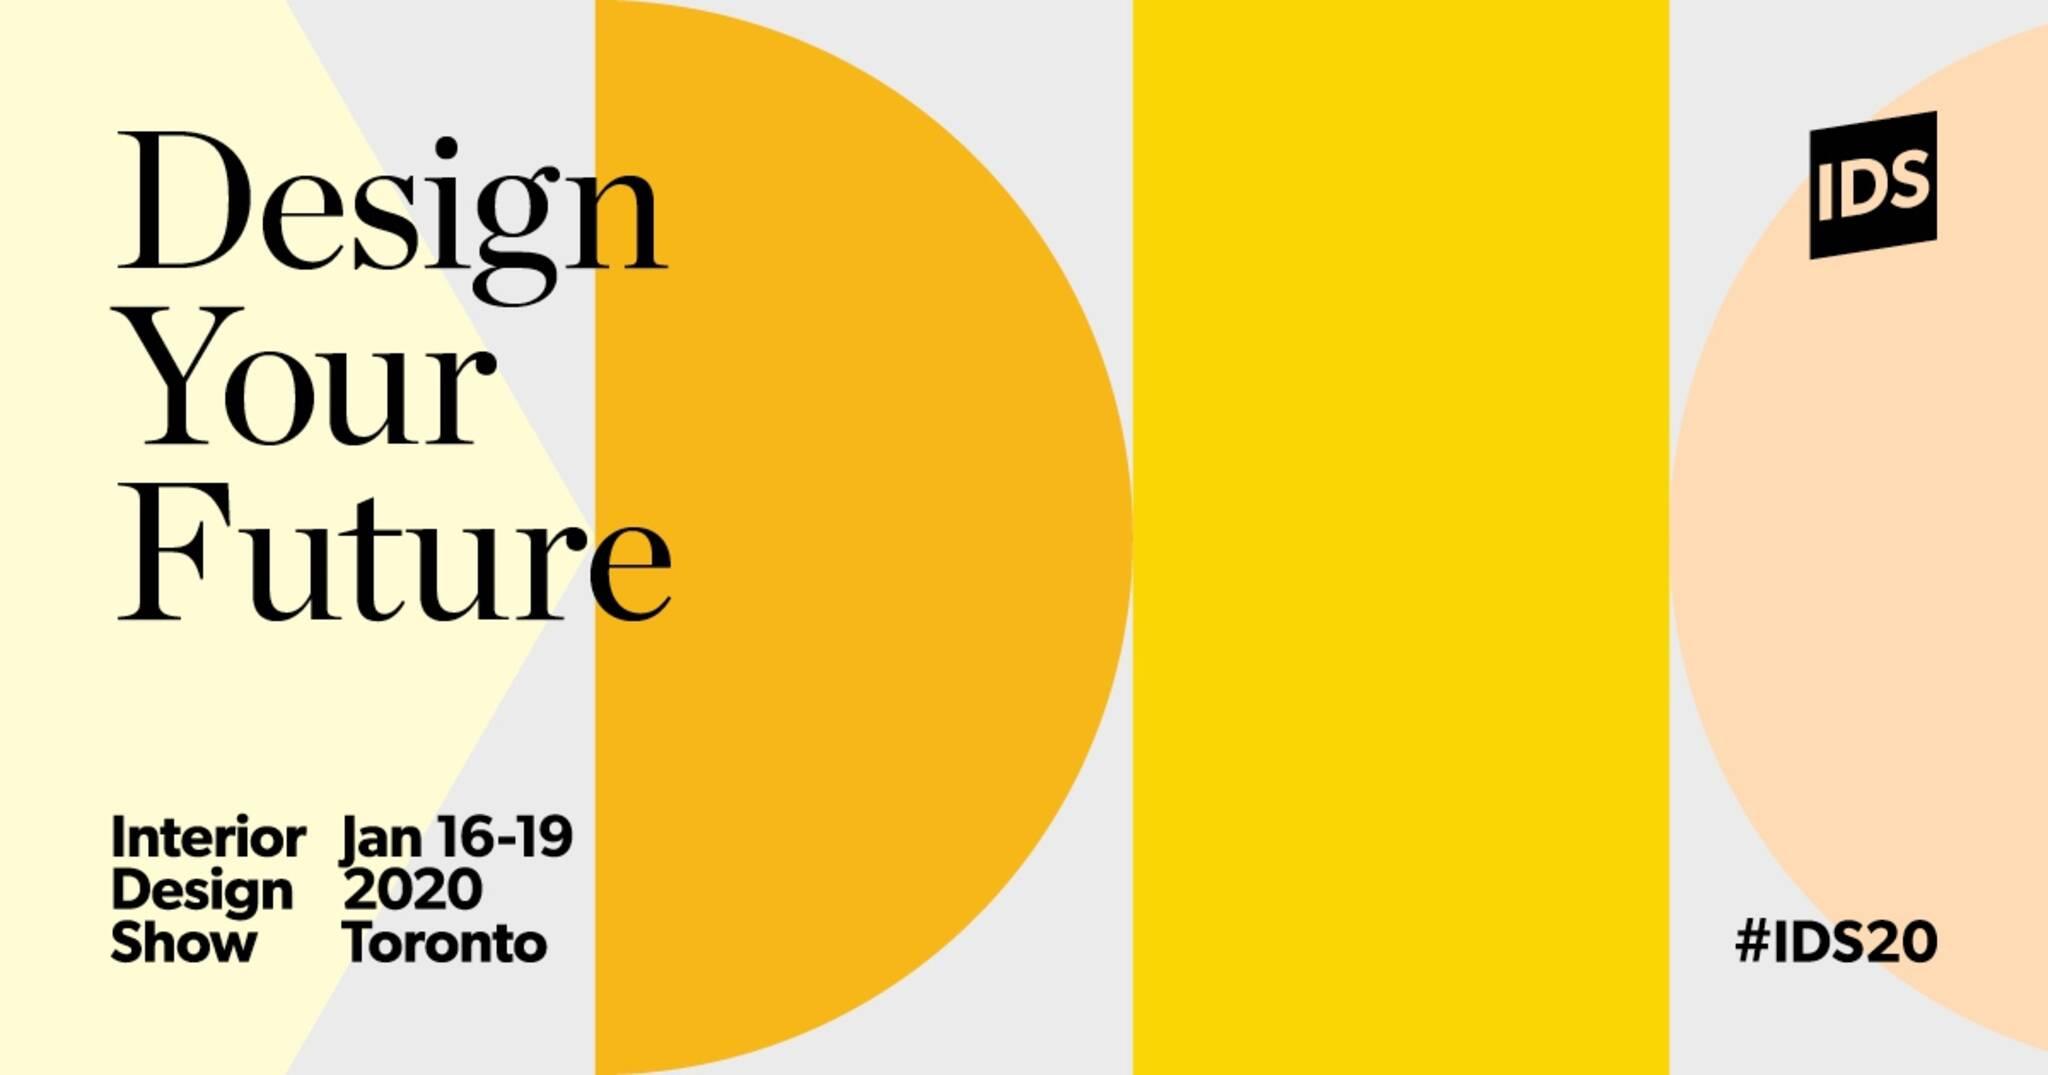 Interior Design Show Toronto 2020